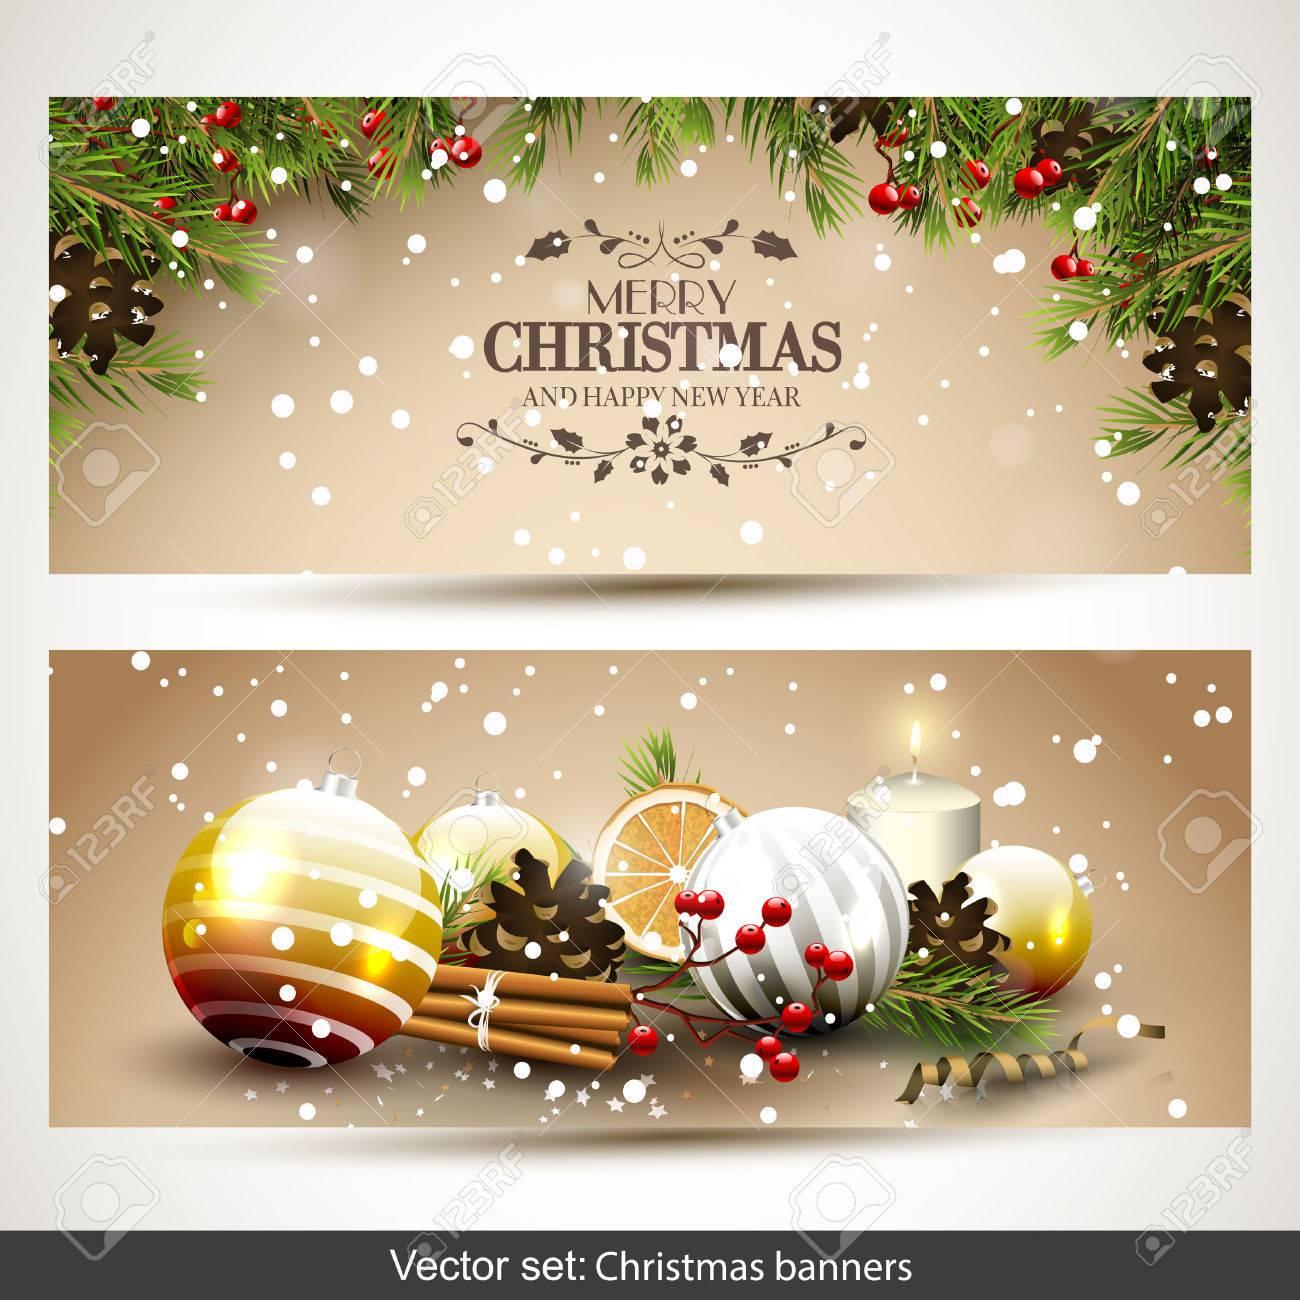 Christmas Banners.Vector Set Of Two Christmas Banners